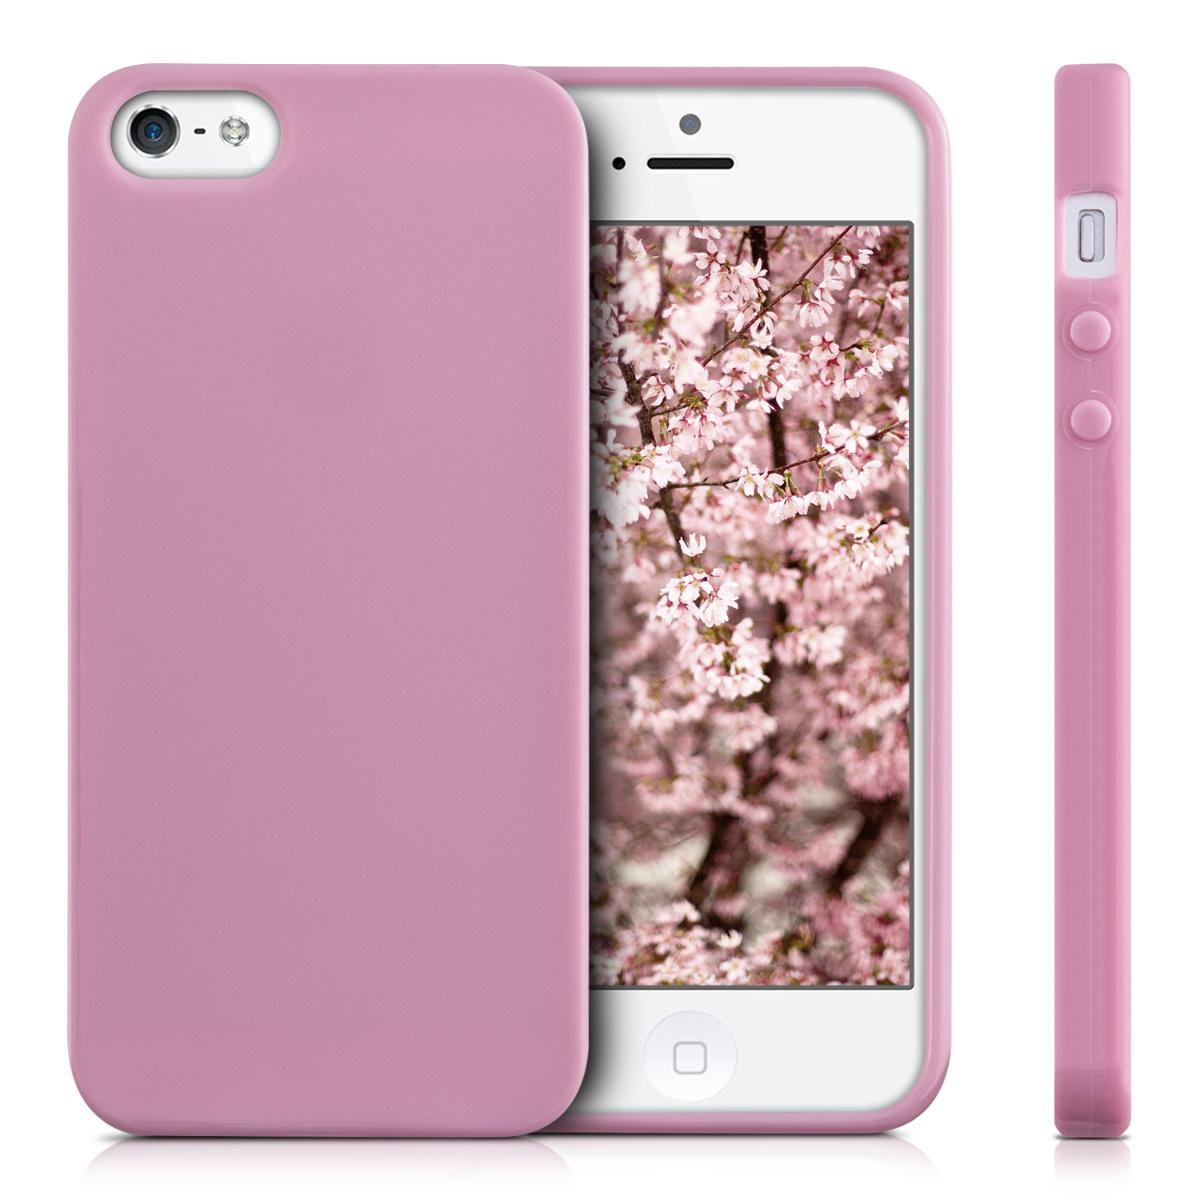 Kwmobile funda de tpu silicona mate para apple iphone se 5 5s carcasa ebay - Fundas de silicona para iphone 5 ...